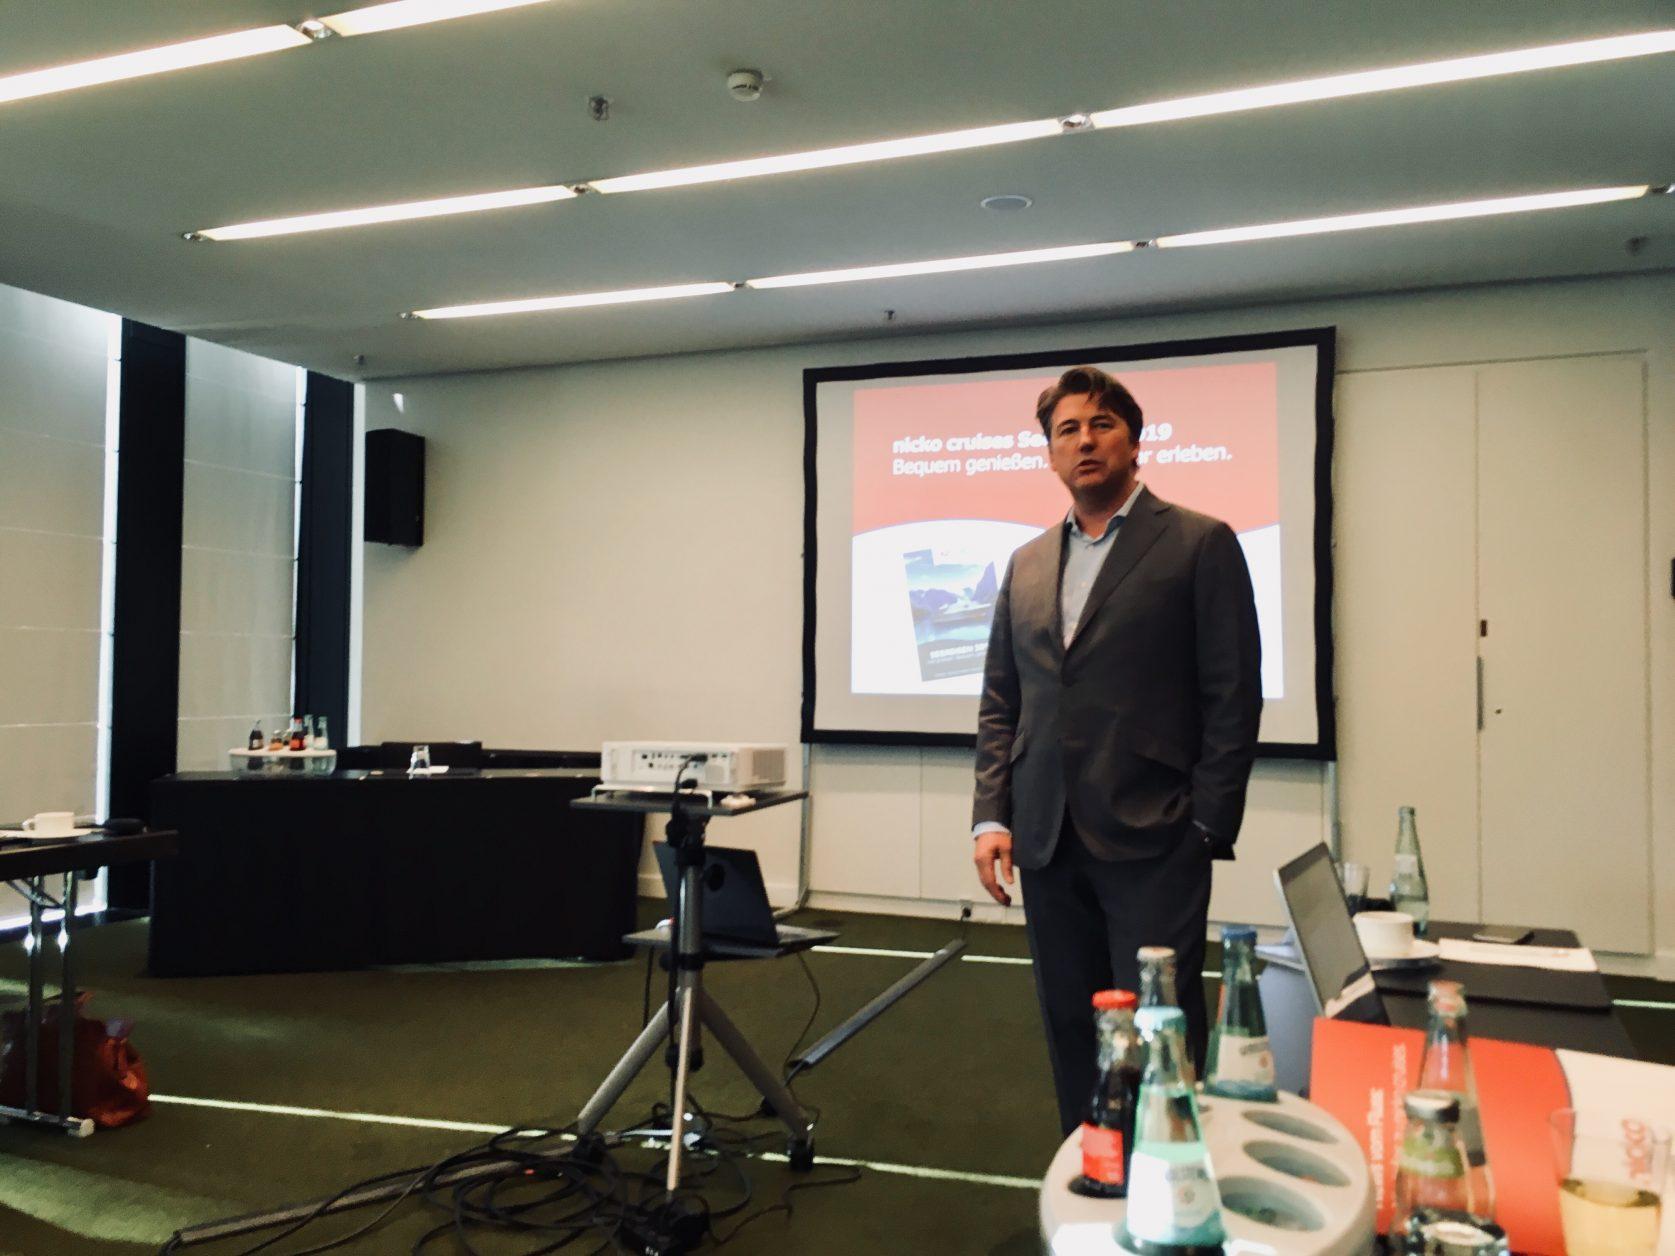 Geschäftsführer Guido Laukamp von nicko cruieses, Foto: Weirauch